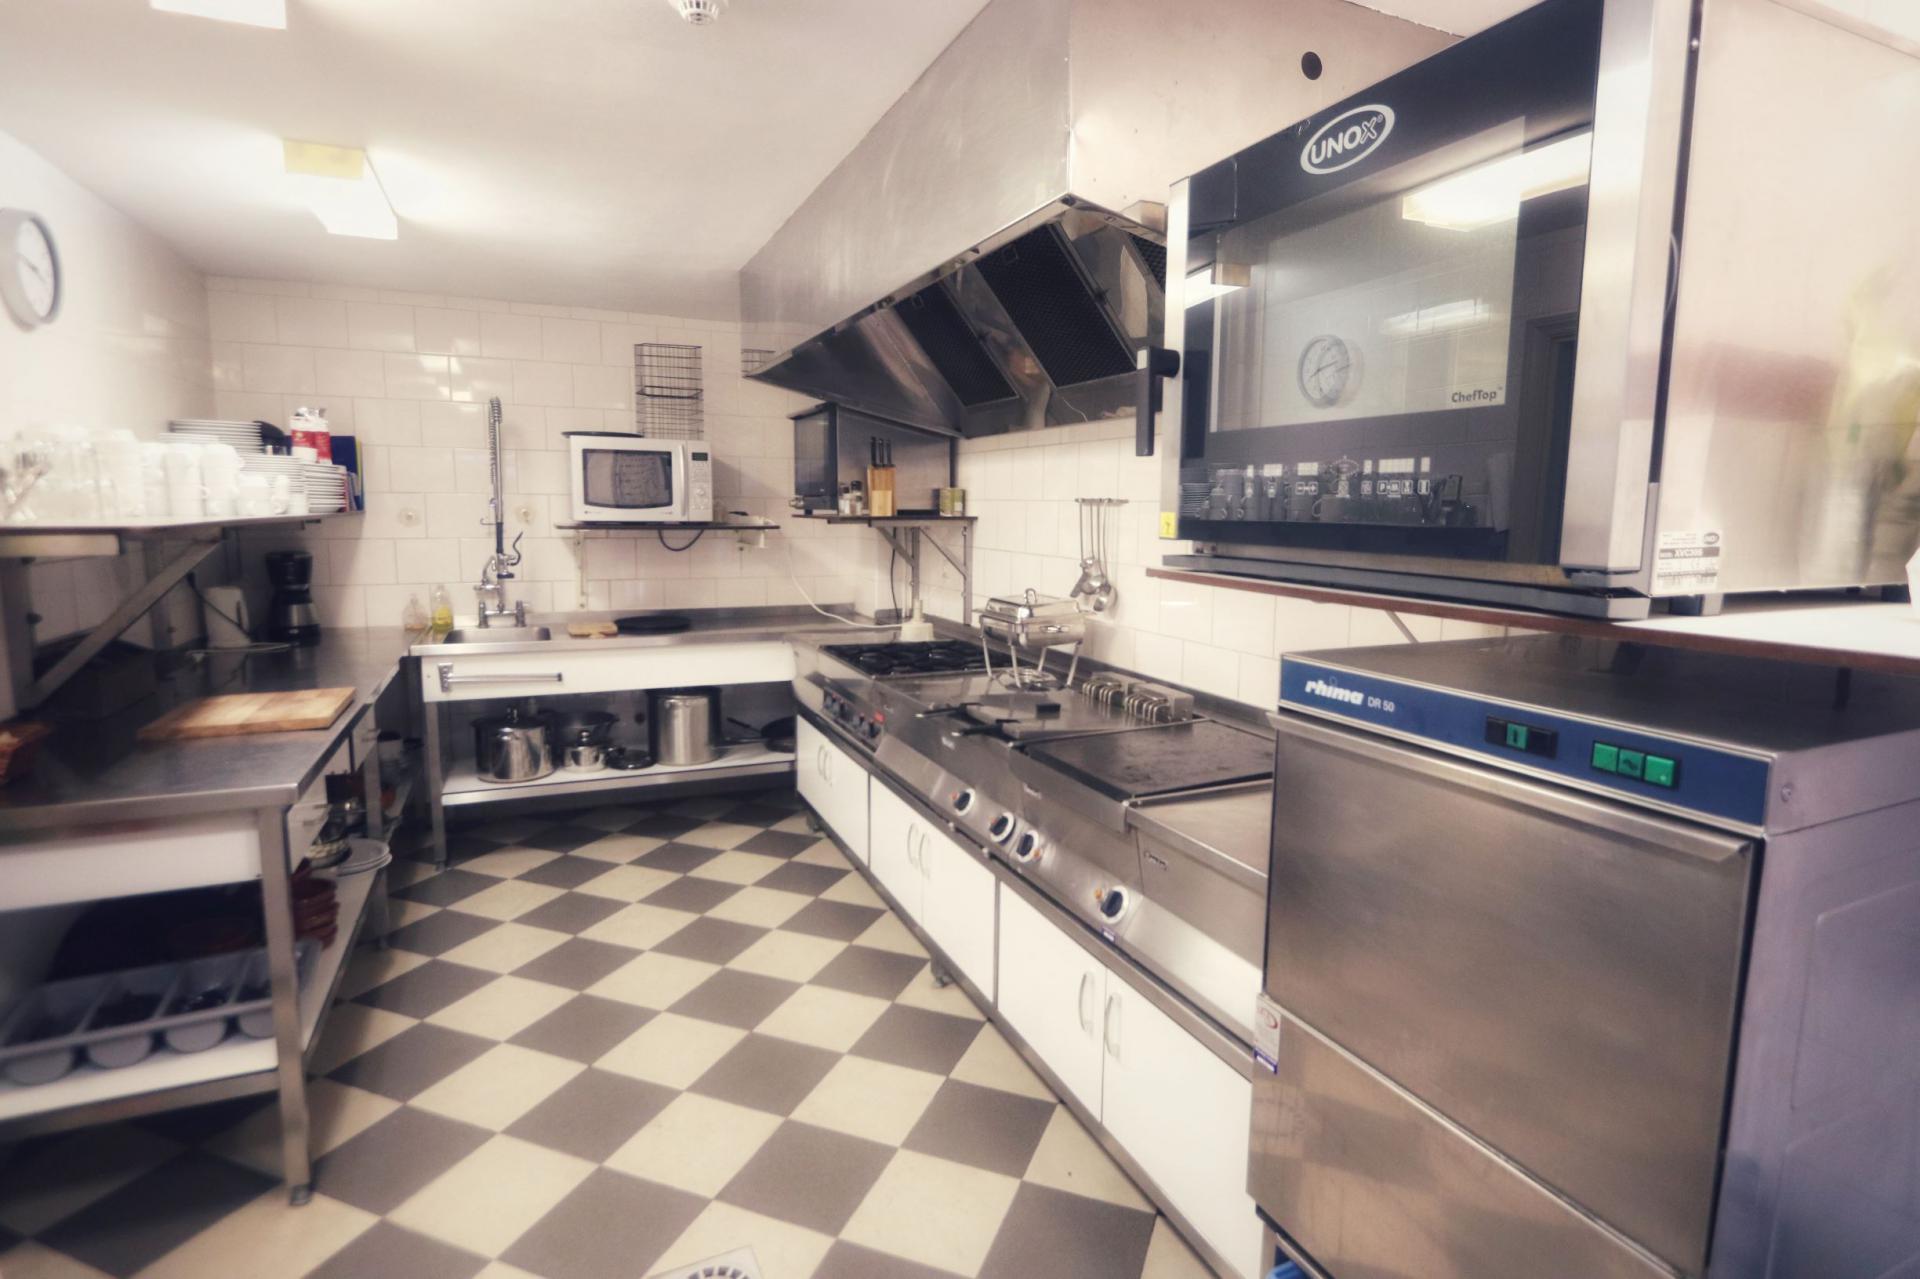 keuken_professioneel_zelfverzorging_maaltijden